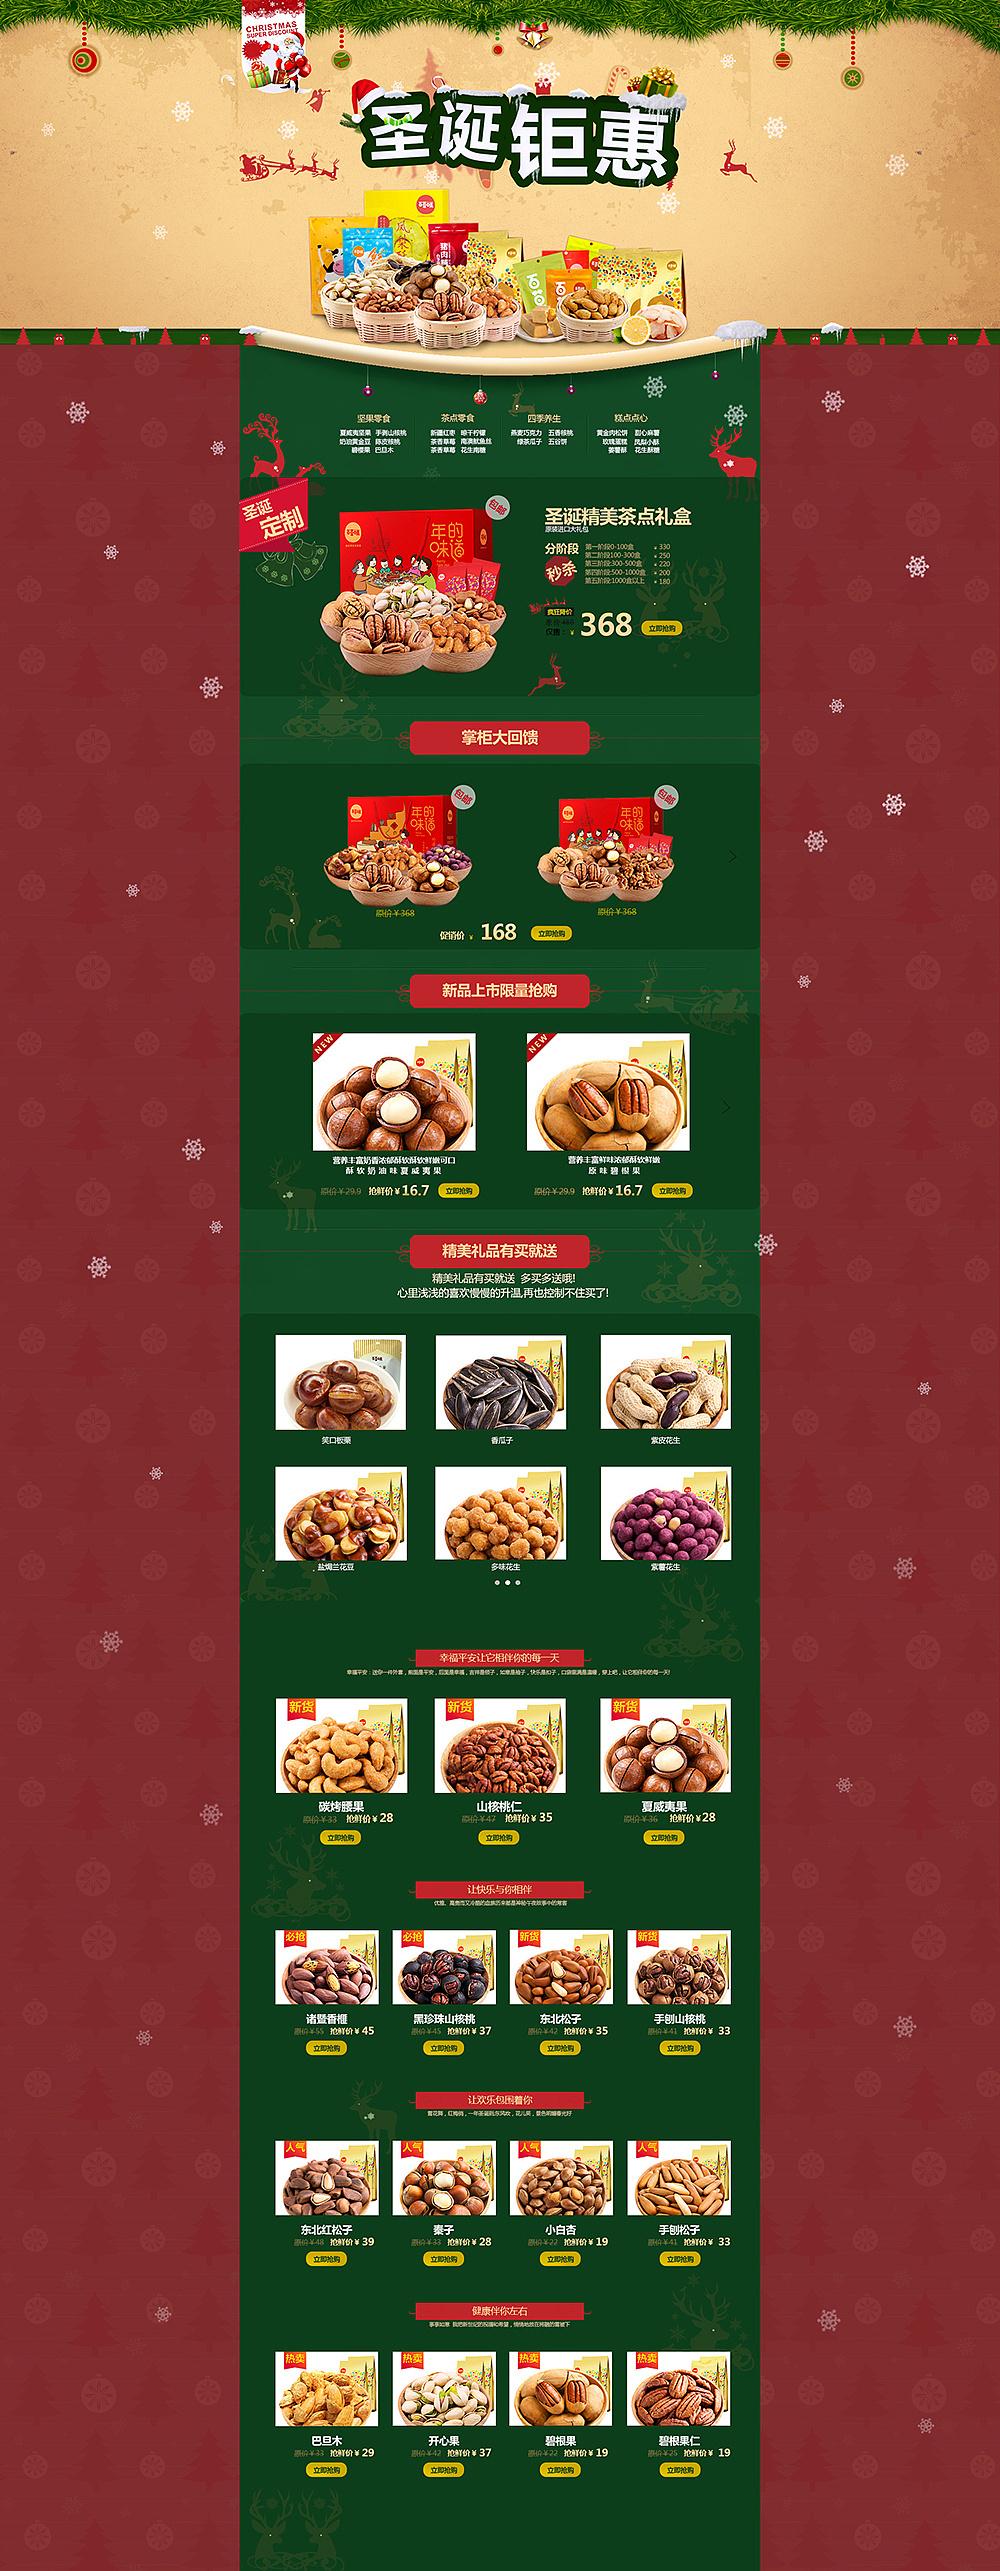 圣诞专题,淘宝店铺首页,详情页图片